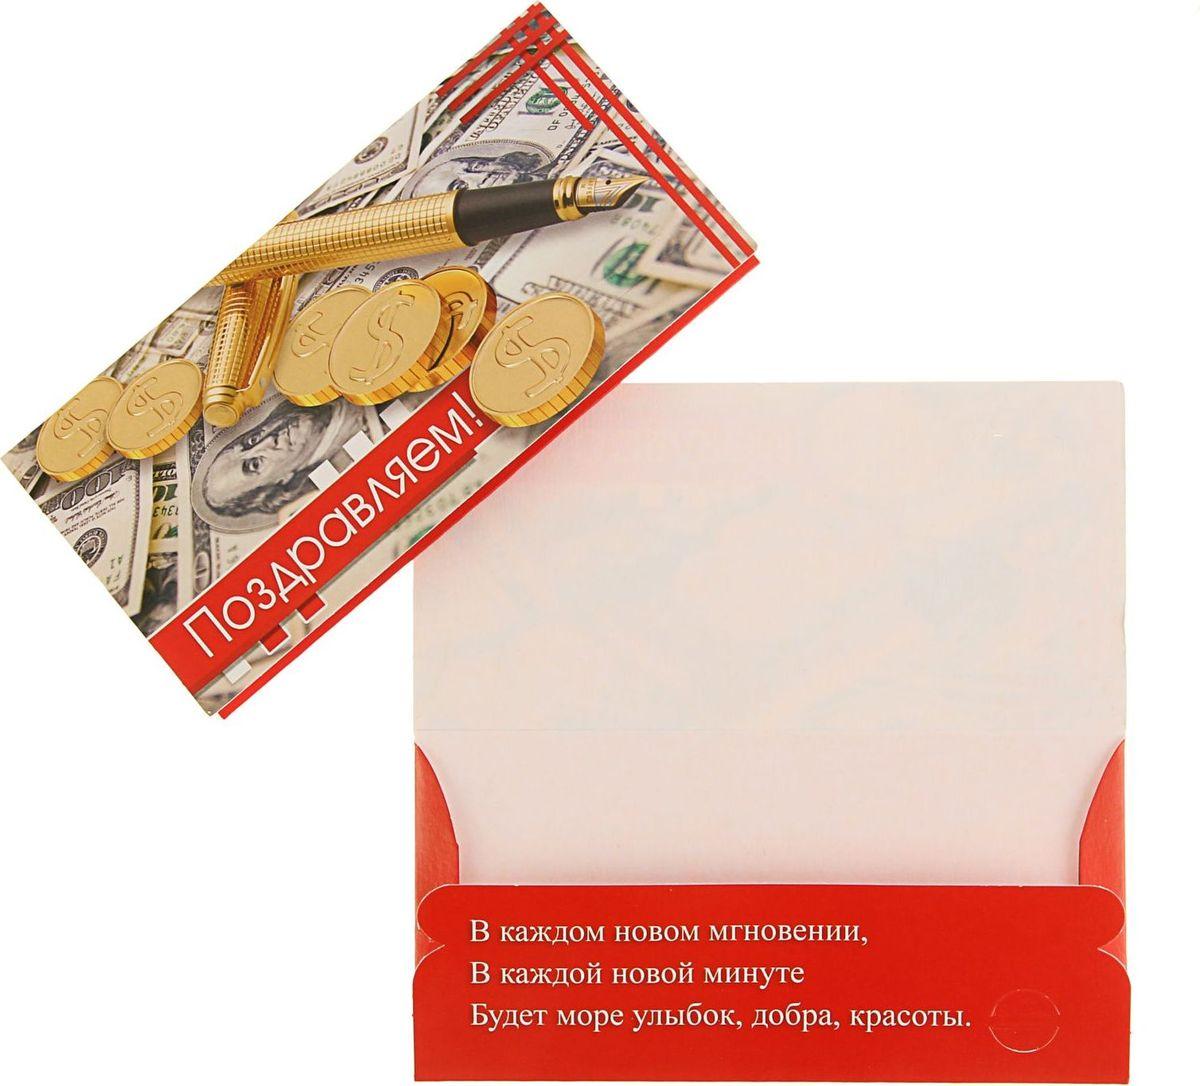 Конверт для денег Этюд Поздравляем! Монеты, ручка, 15,7 х 8 см1732776Невозможно представить нашу жизнь без праздников! Мы всегда ждём их и предвкушаем, обдумываем, как проведём памятный день, тщательно выбираем подарки и аксессуары, ведь именно они создают и поддерживают торжественный настрой. Этот конверт - отличный выбор, который привнесёт атмосферу праздника в ваш дом!